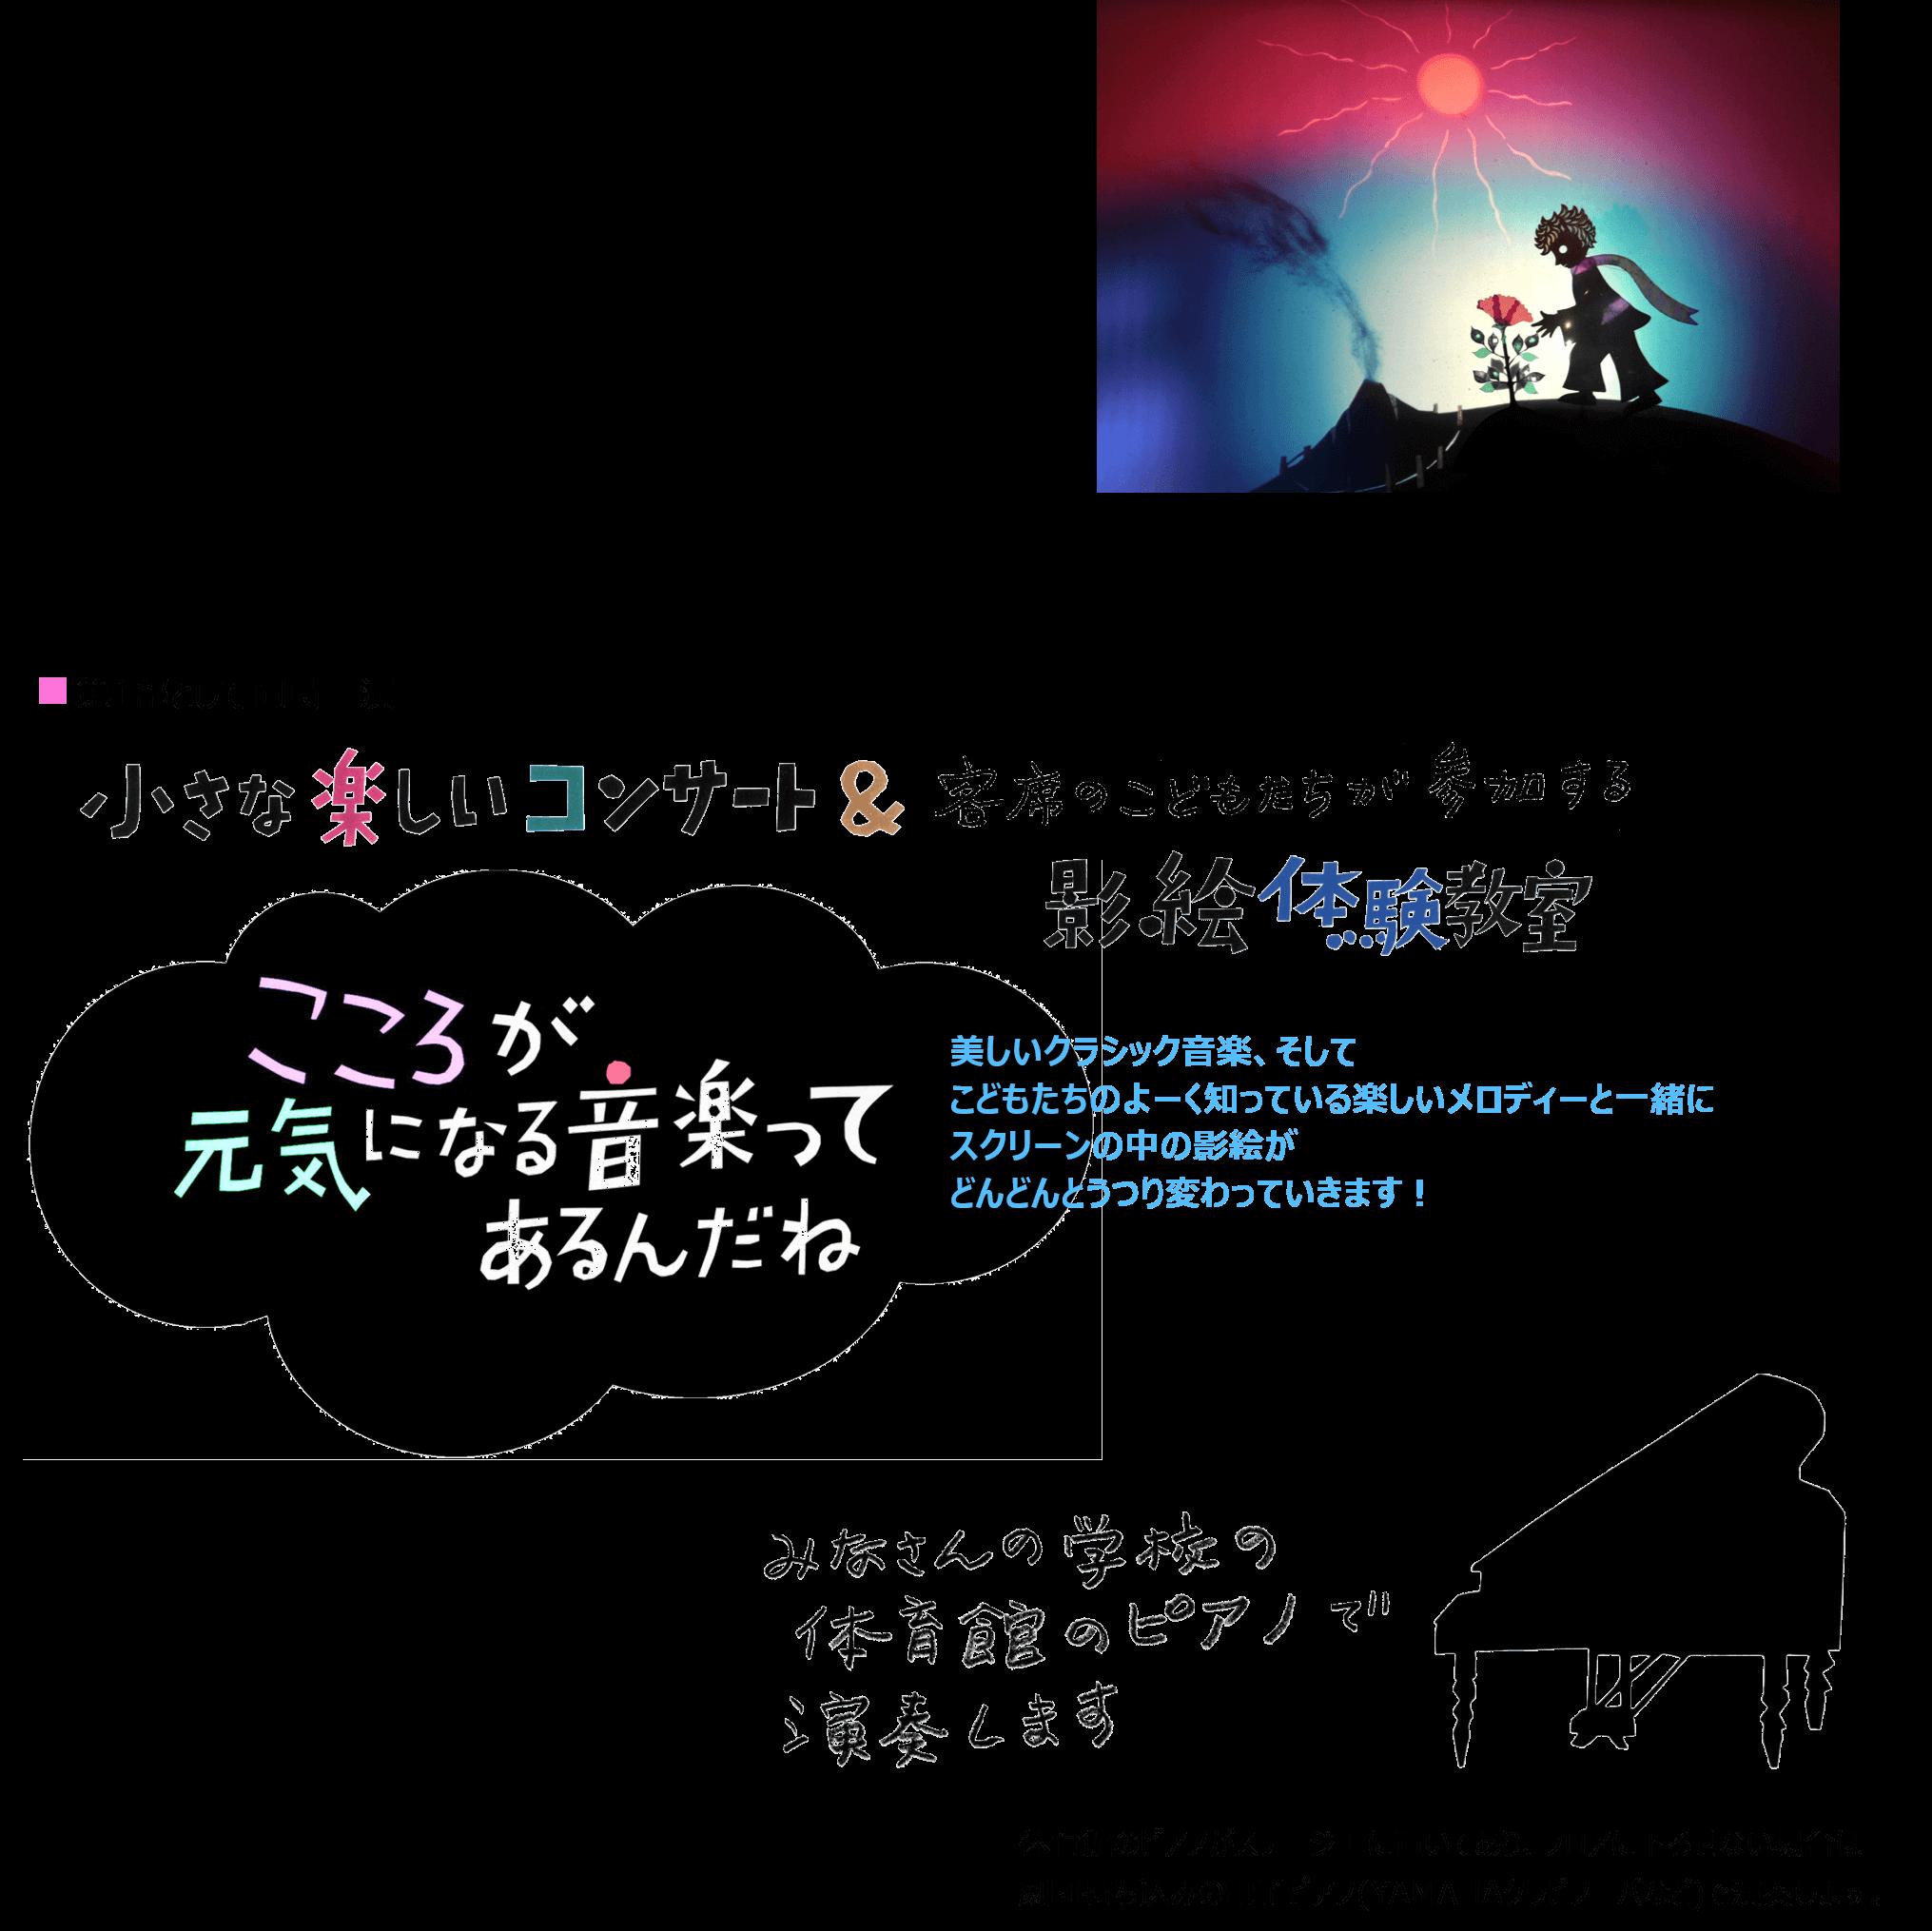 音楽鑑賞教室 芸術鑑賞教室 星の王子さま 生演奏 第1部 (1)